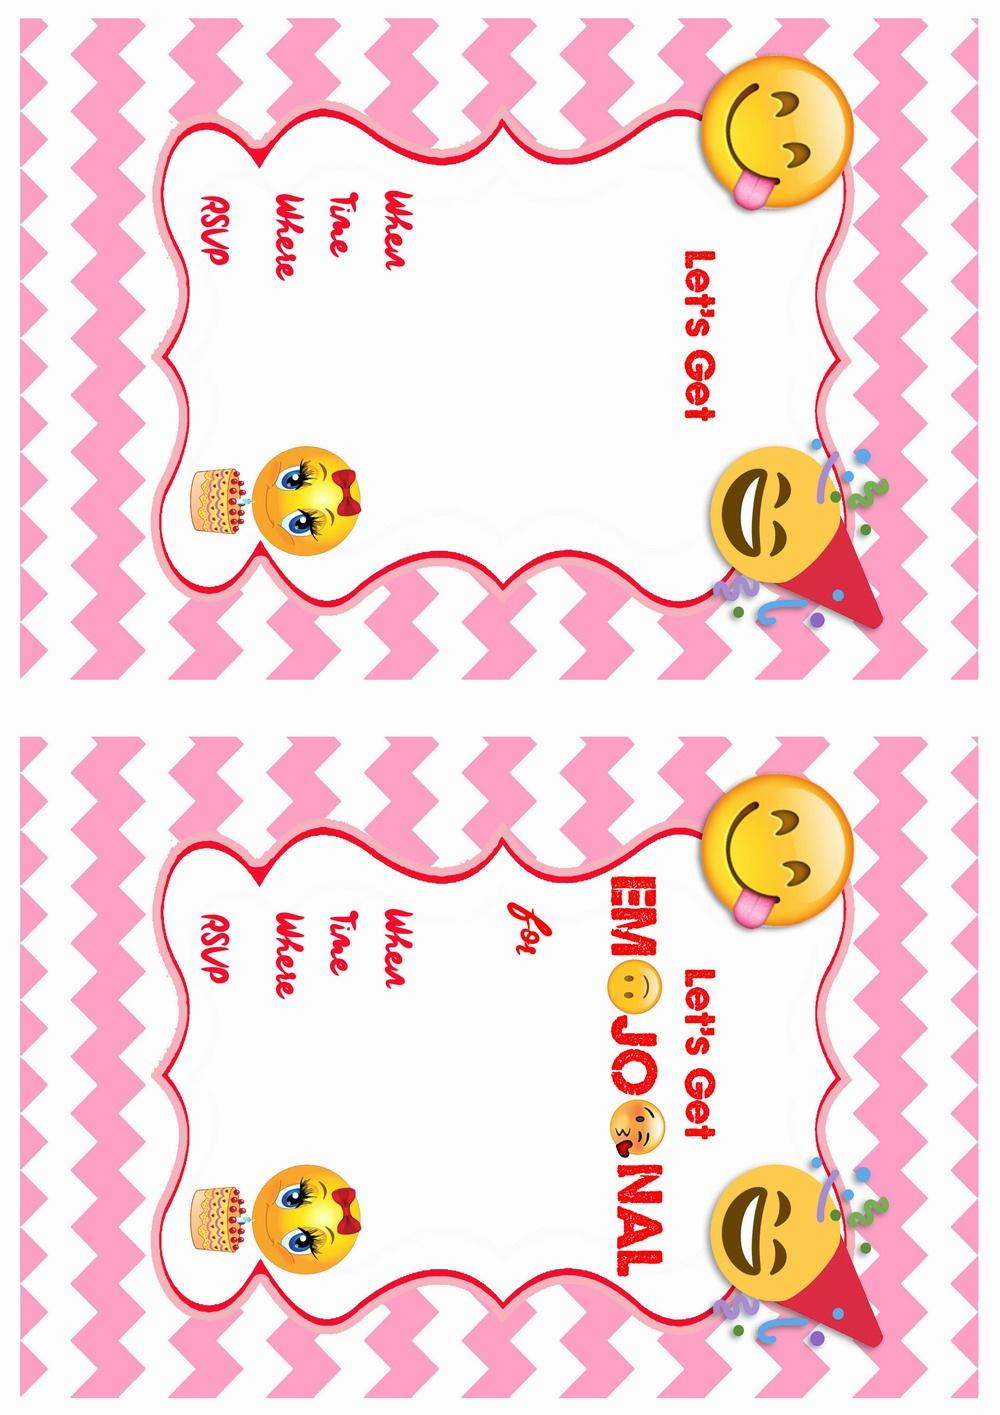 Emoji Birthday Invitations | Birthday Printable - Emoji Invitations Printable Free